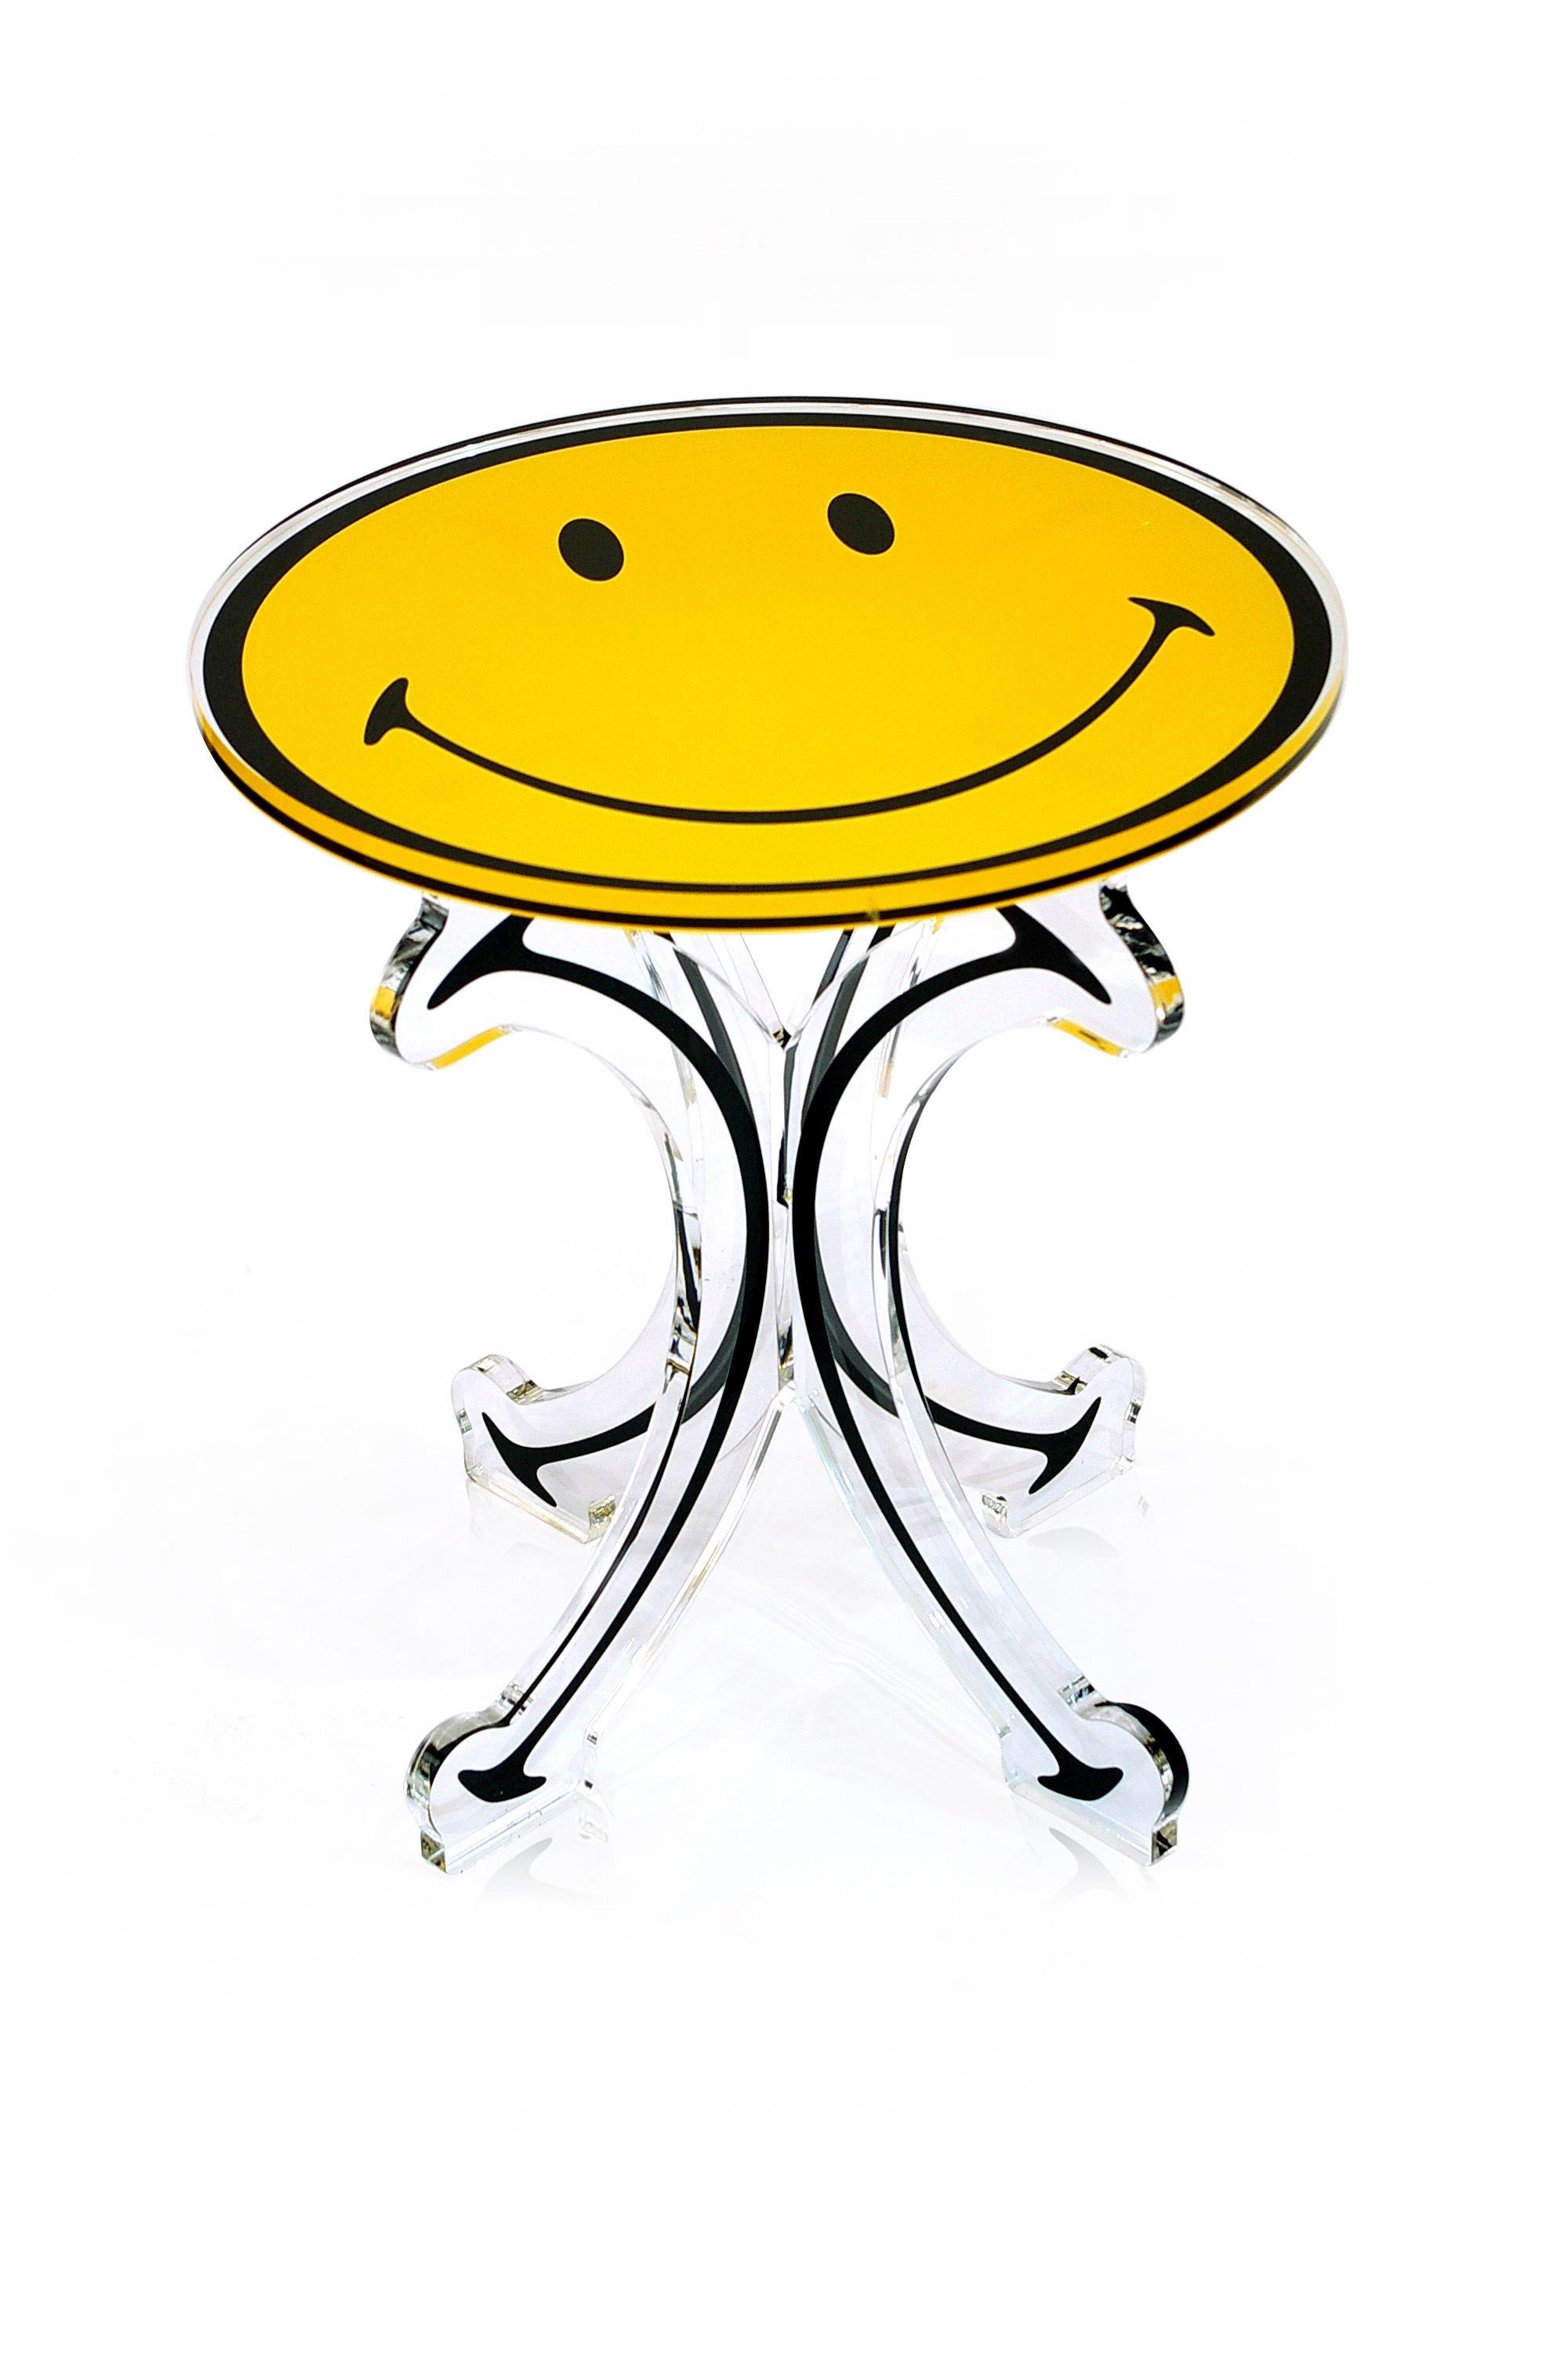 petite table smiley.jpg